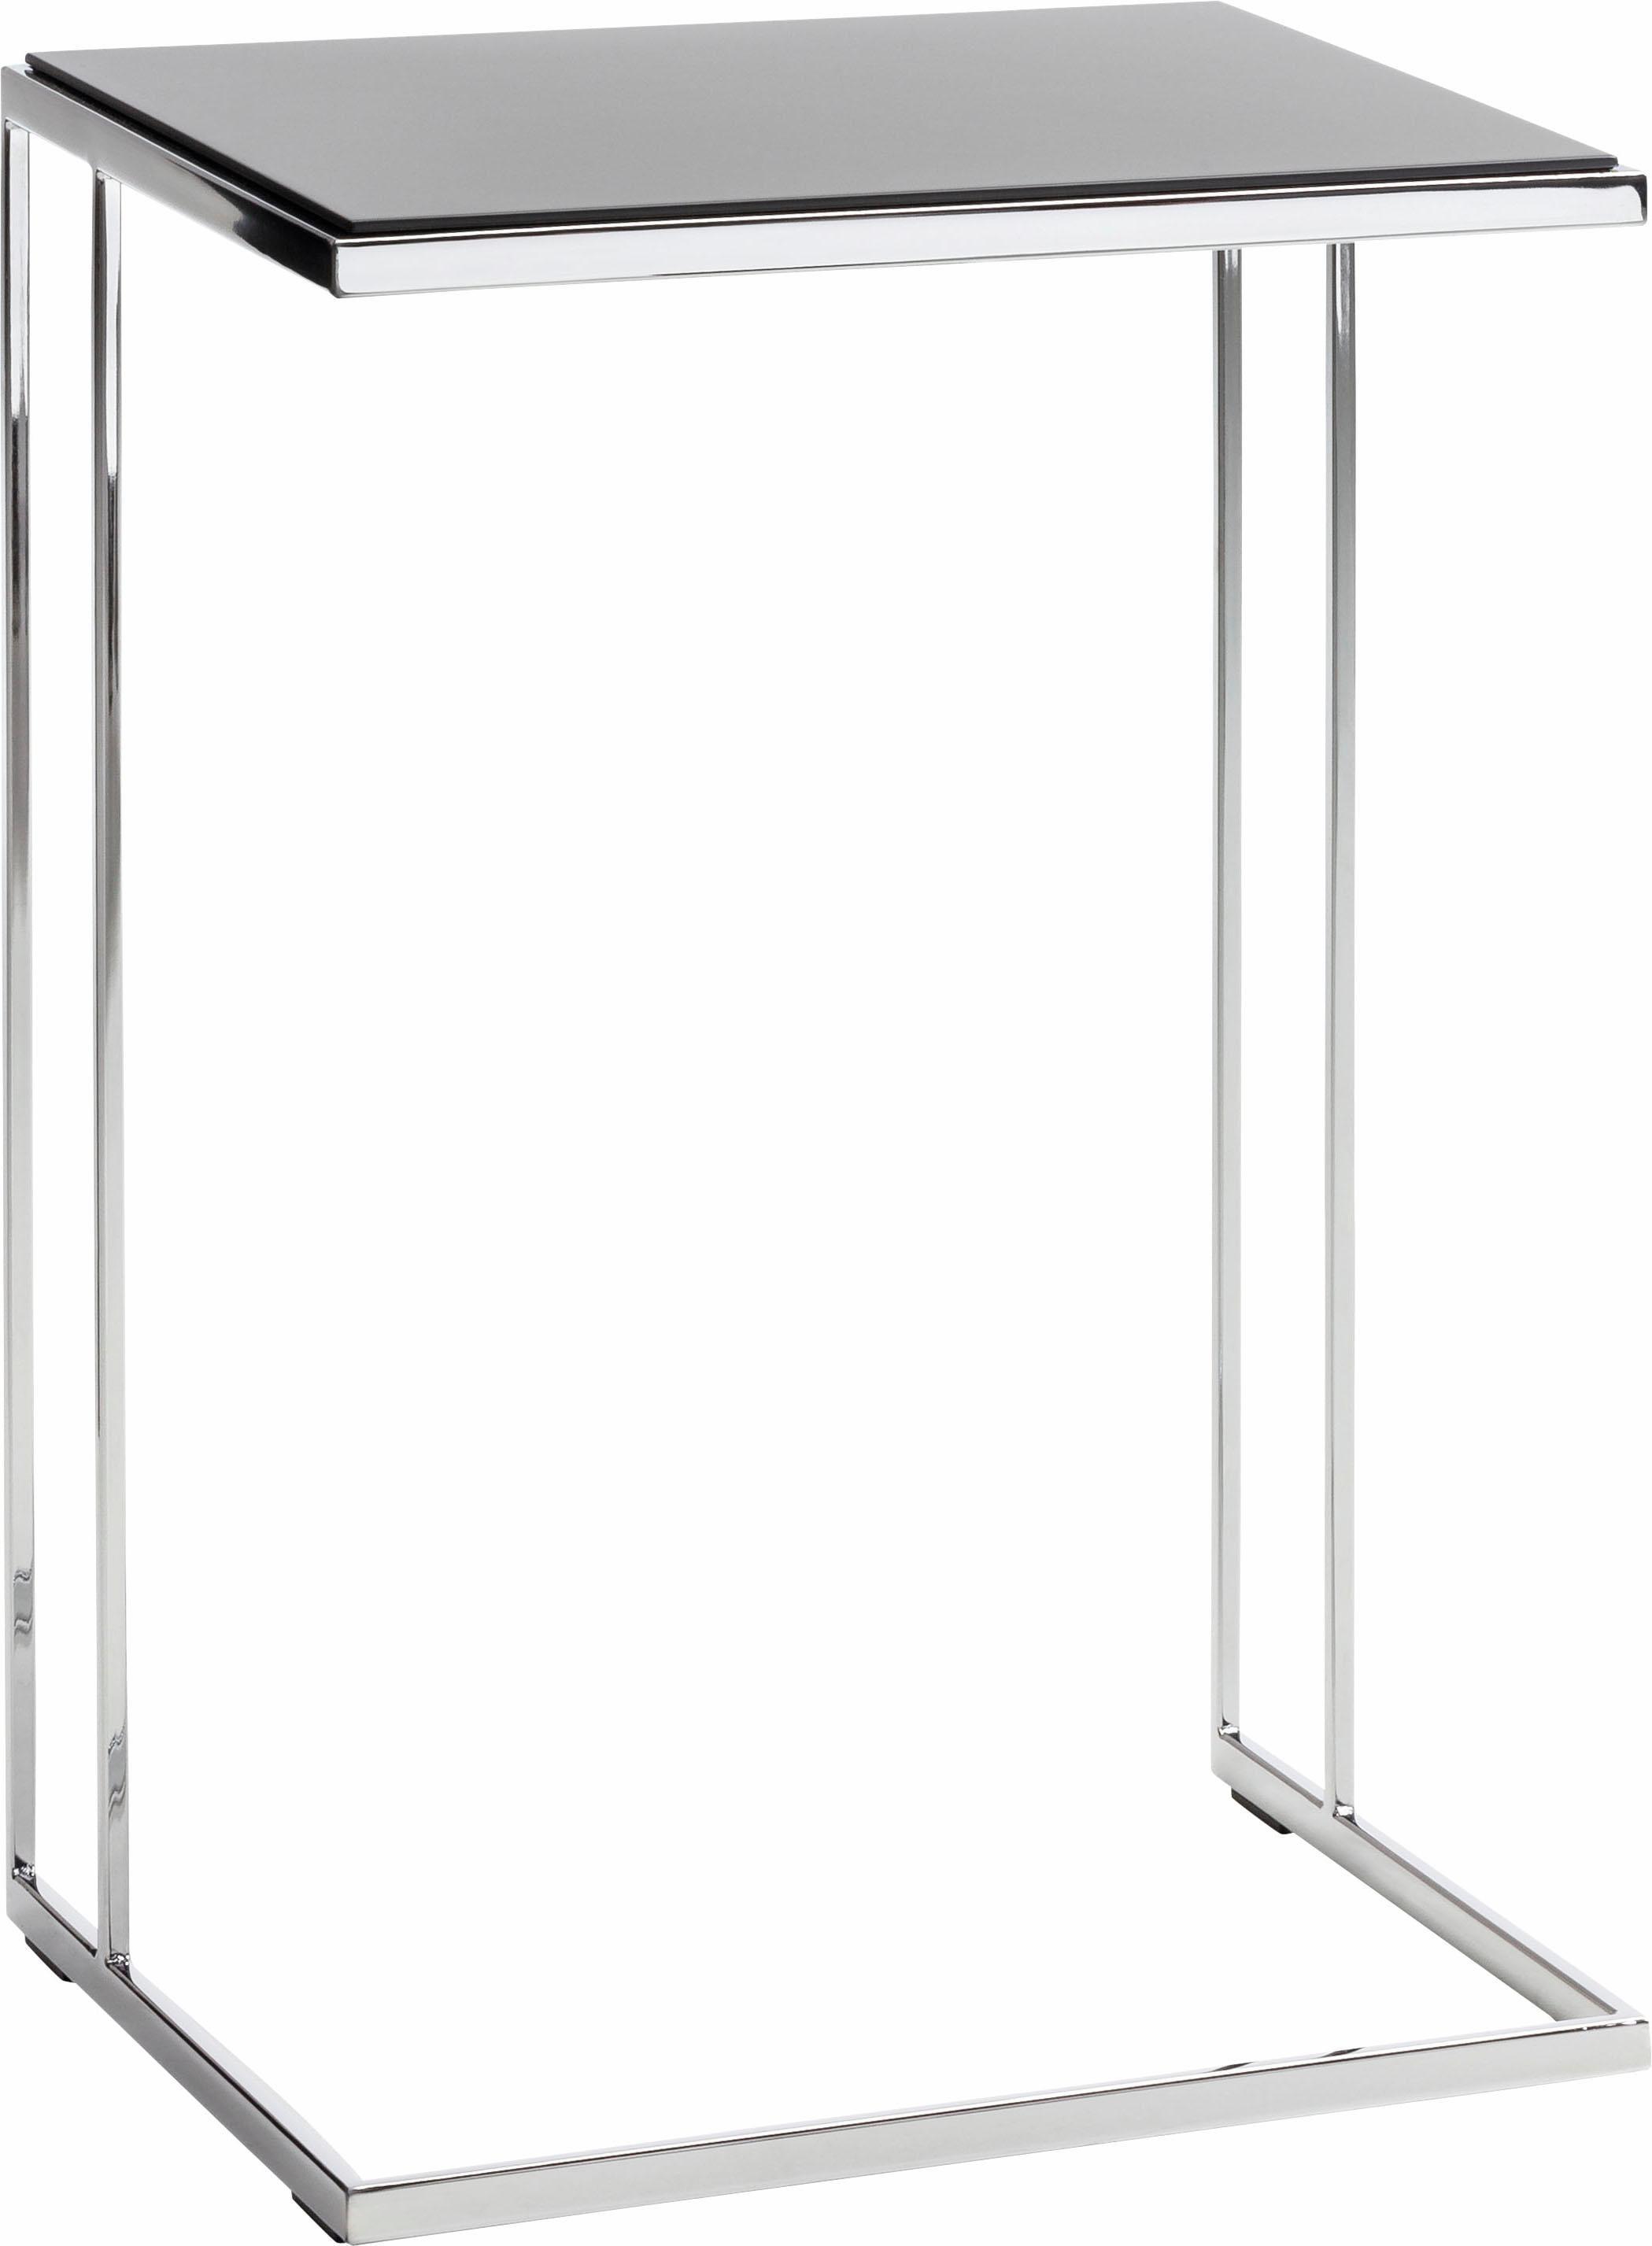 GALLERY M Beistelltisch Toscana Wohnen/Räume/Wohnzimmer/Couchtische & Beistelltische/Beistelltische